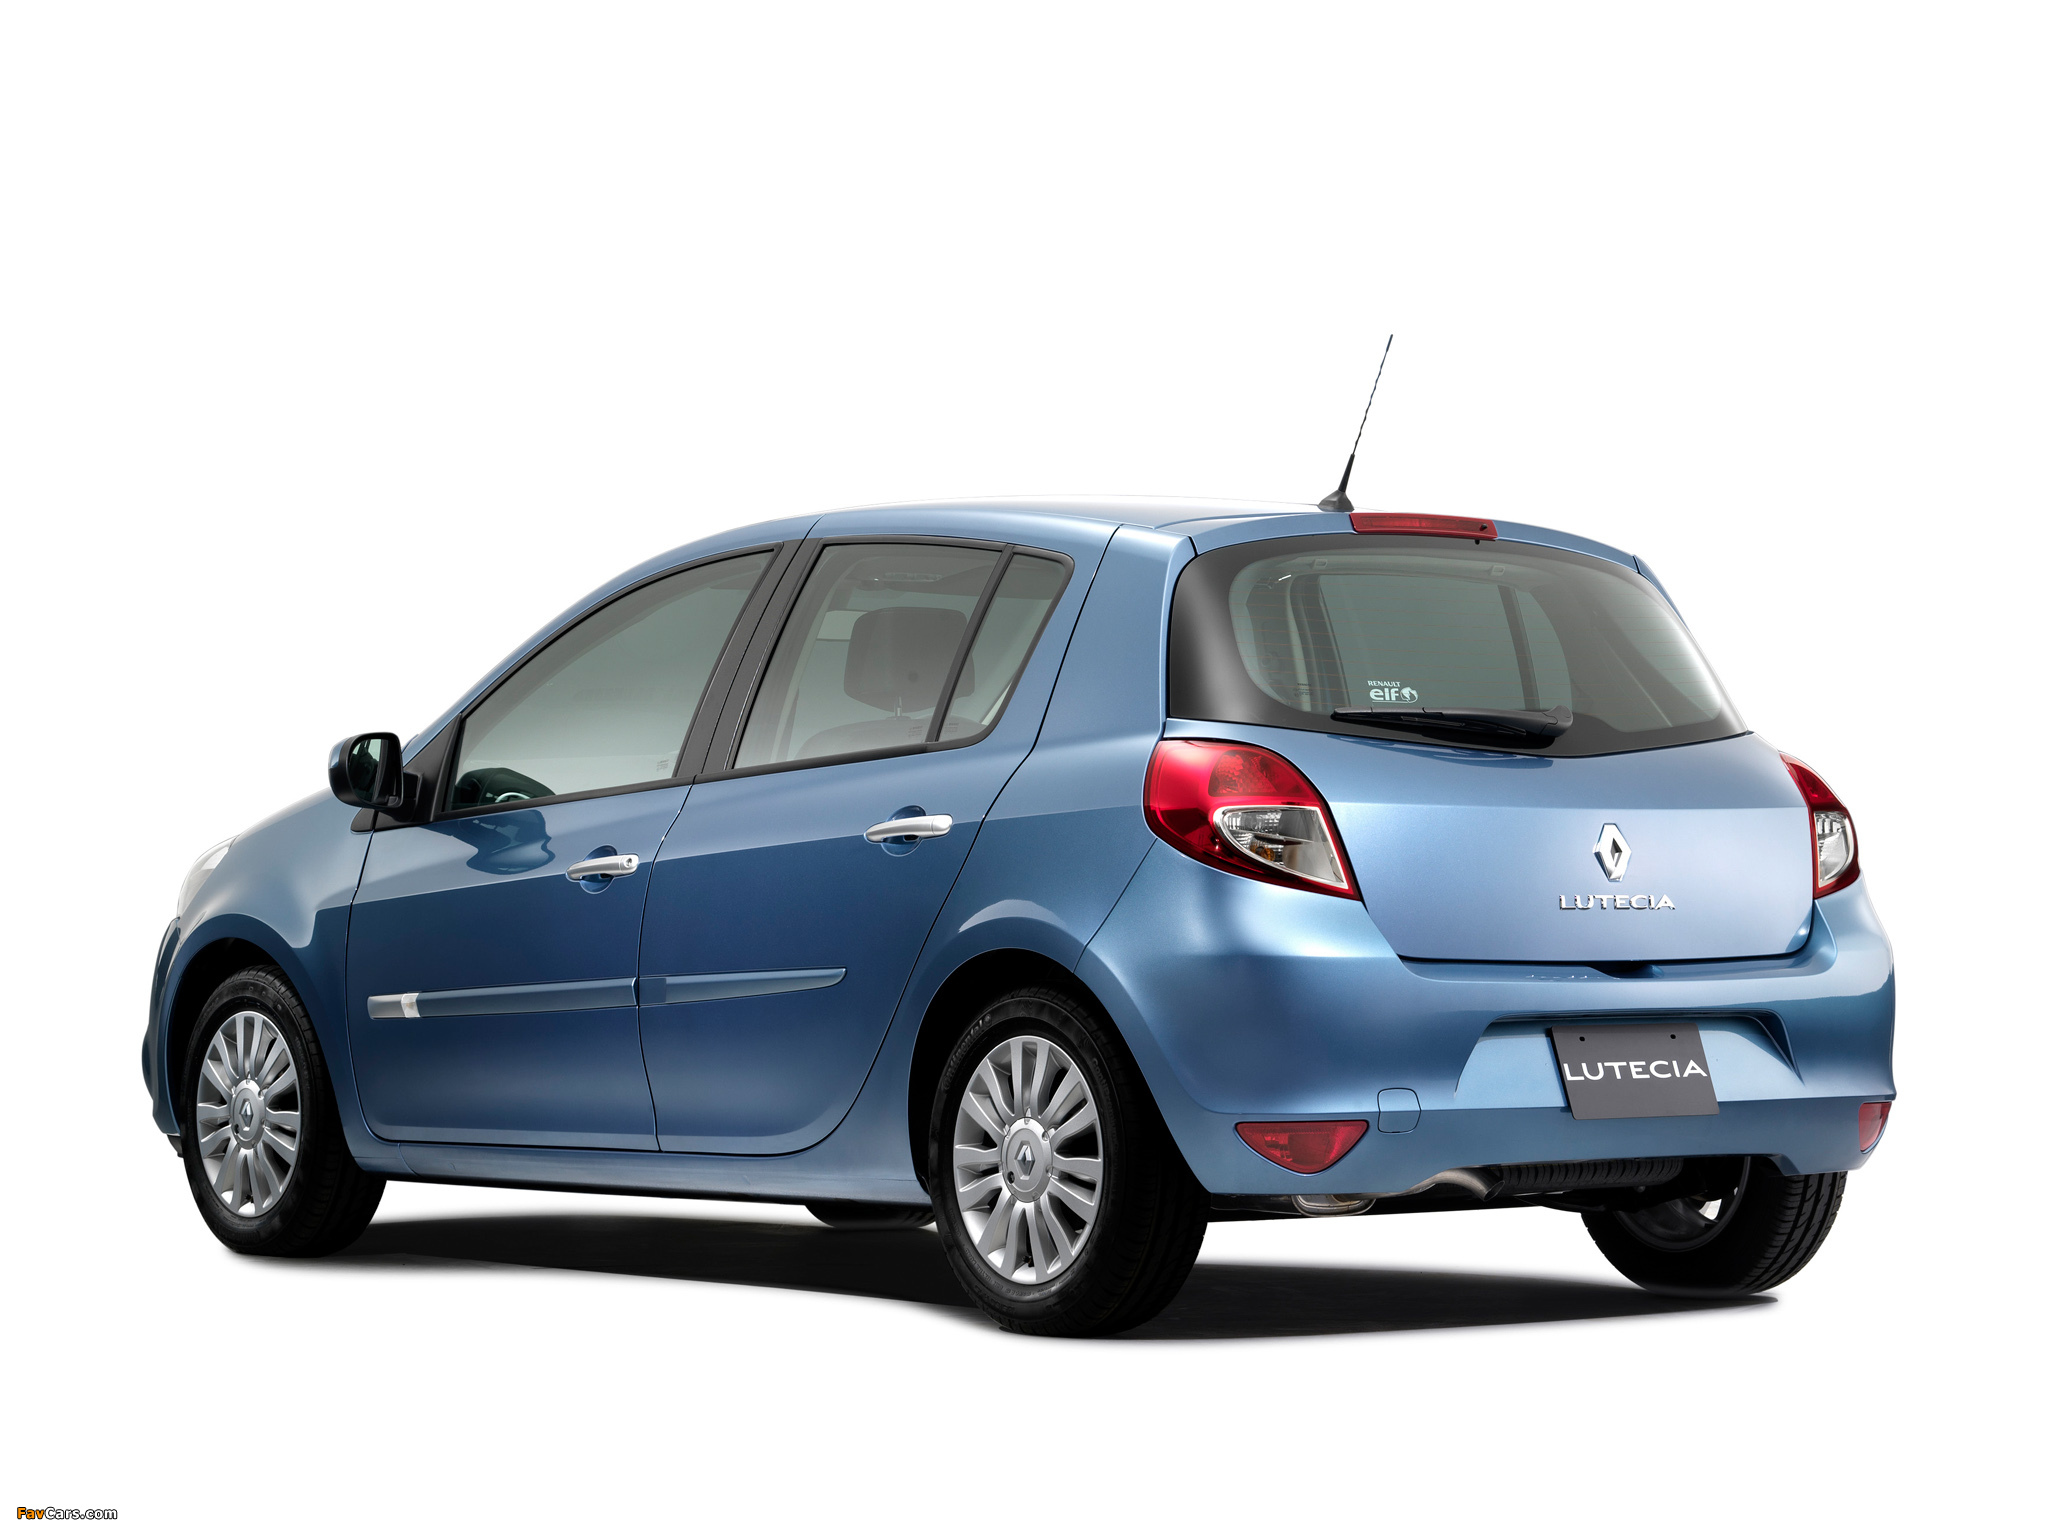 Renault Lutecia 5-door 2009 images (2048 x 1536)